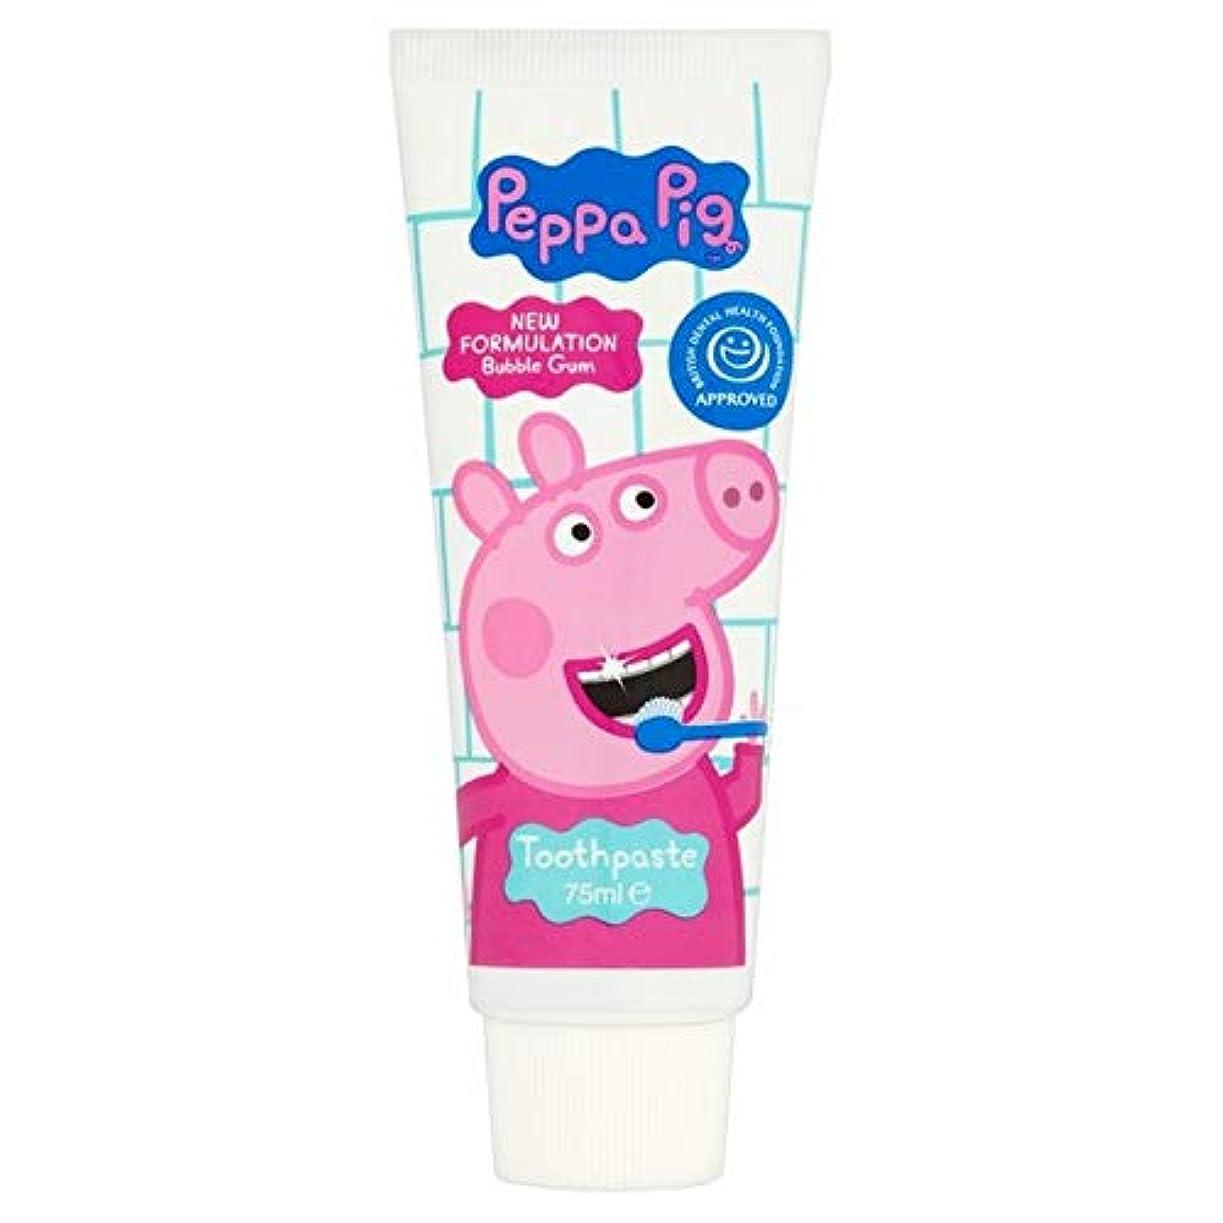 夜の動物園西虚弱[Peppa Pig] ペッパピッグバブルガム歯磨き粉75ミリリットル - Peppa Pig Bubble Gum Toothpaste 75ml [並行輸入品]